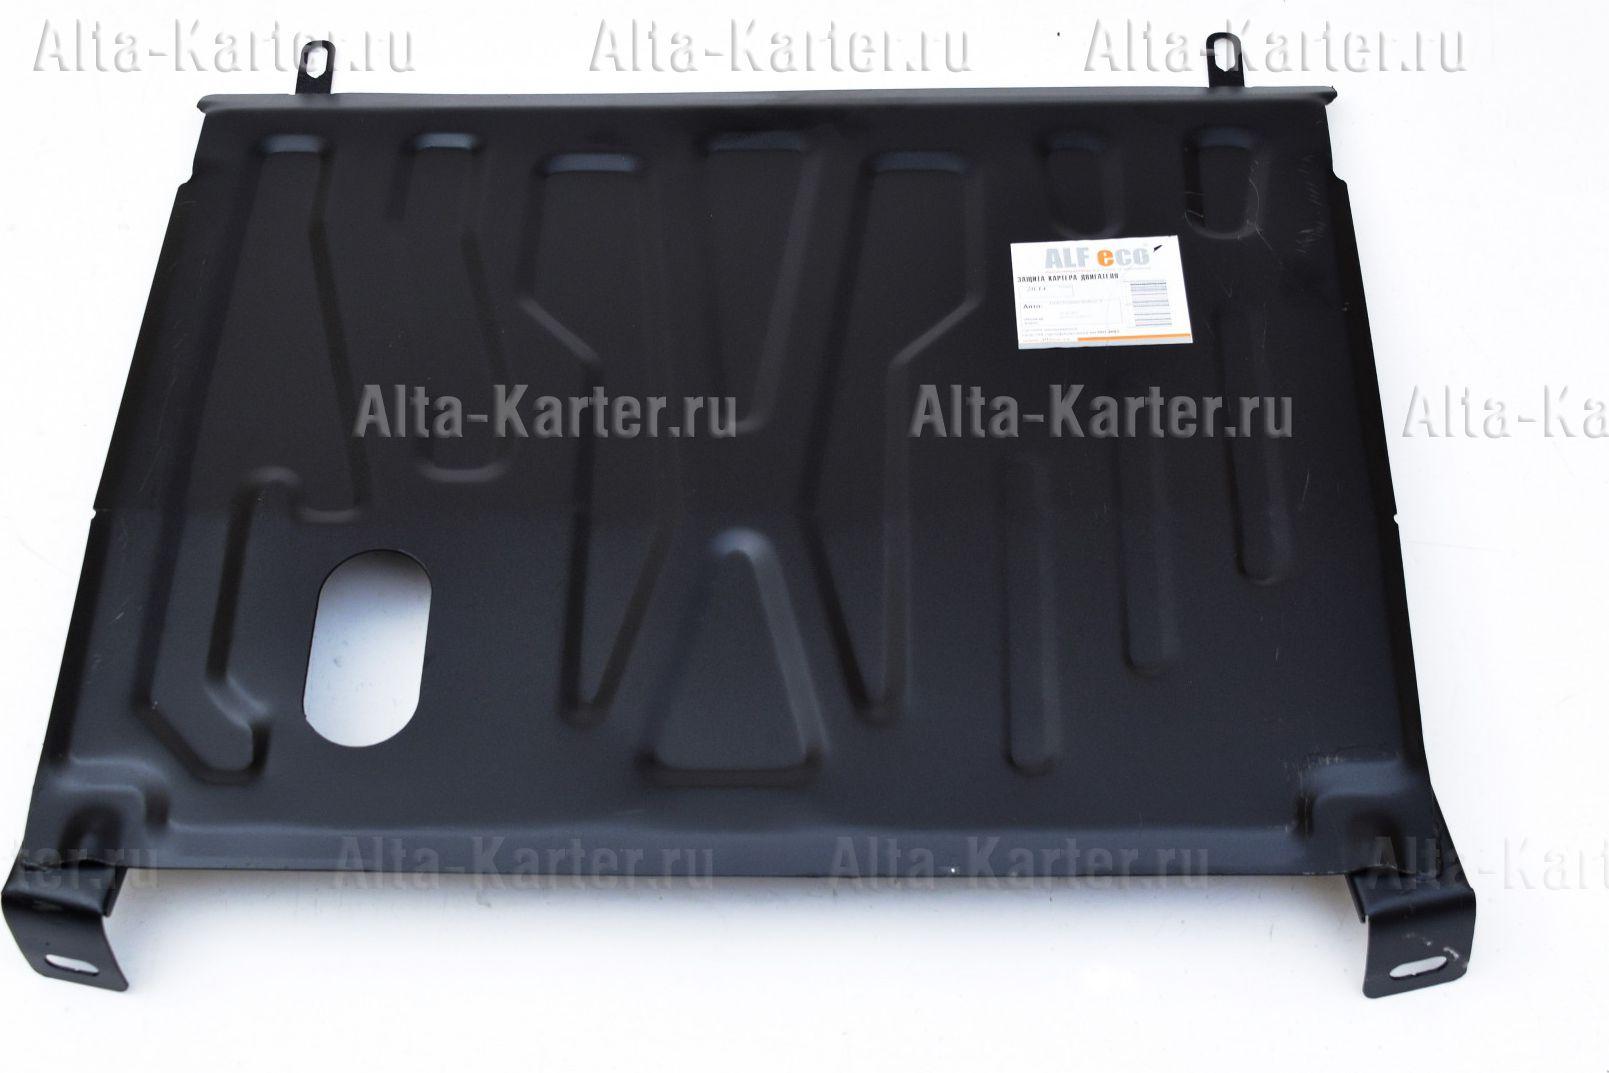 Защита Alfeco для картера и КПП Lada Kalina I 2005-2013. Артикул ALF.28.080st